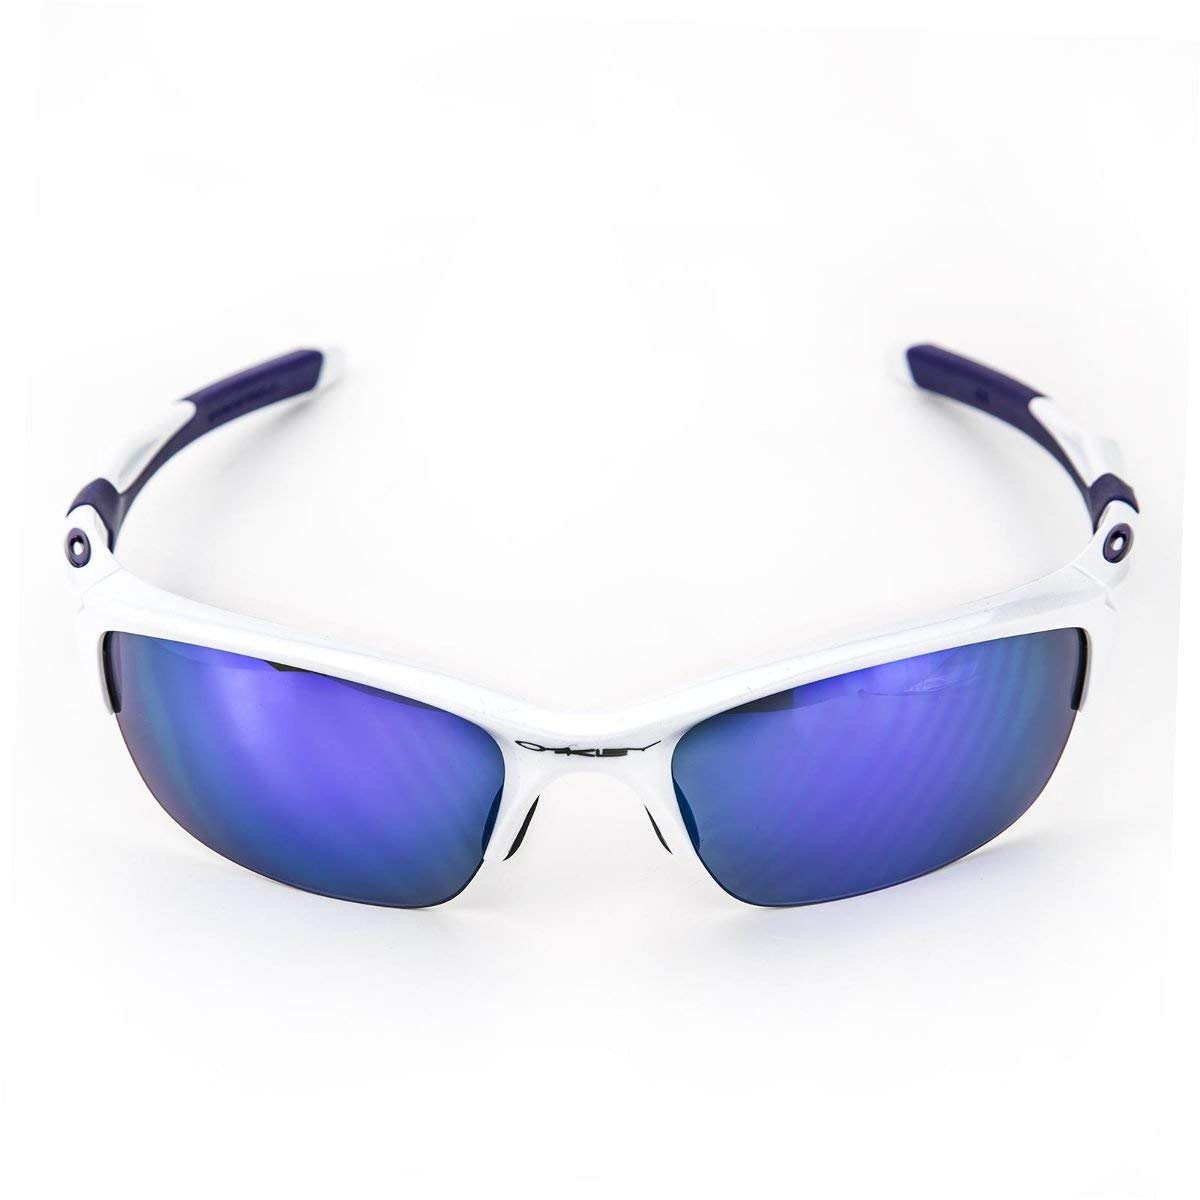 c294a06e23 Oakley Men s Sonnenbrille Half Jacket 2.0 Sunglasses